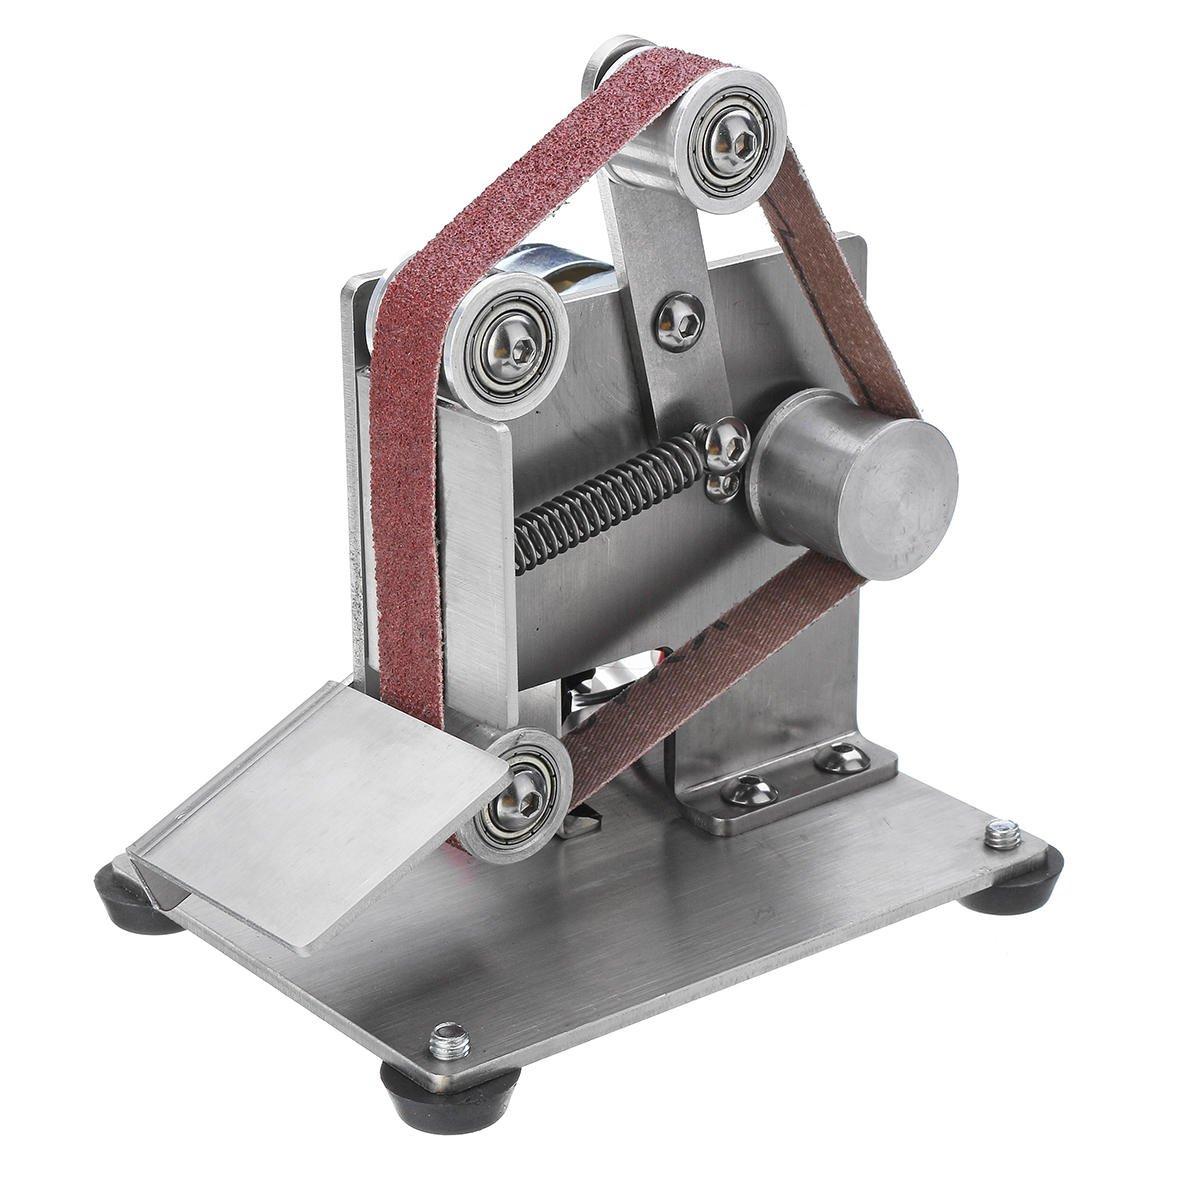 110-240V Mini Belt Sander, Sanding Grinding Sharpening Machine Edge Sharpener 330x15mm - Type 1